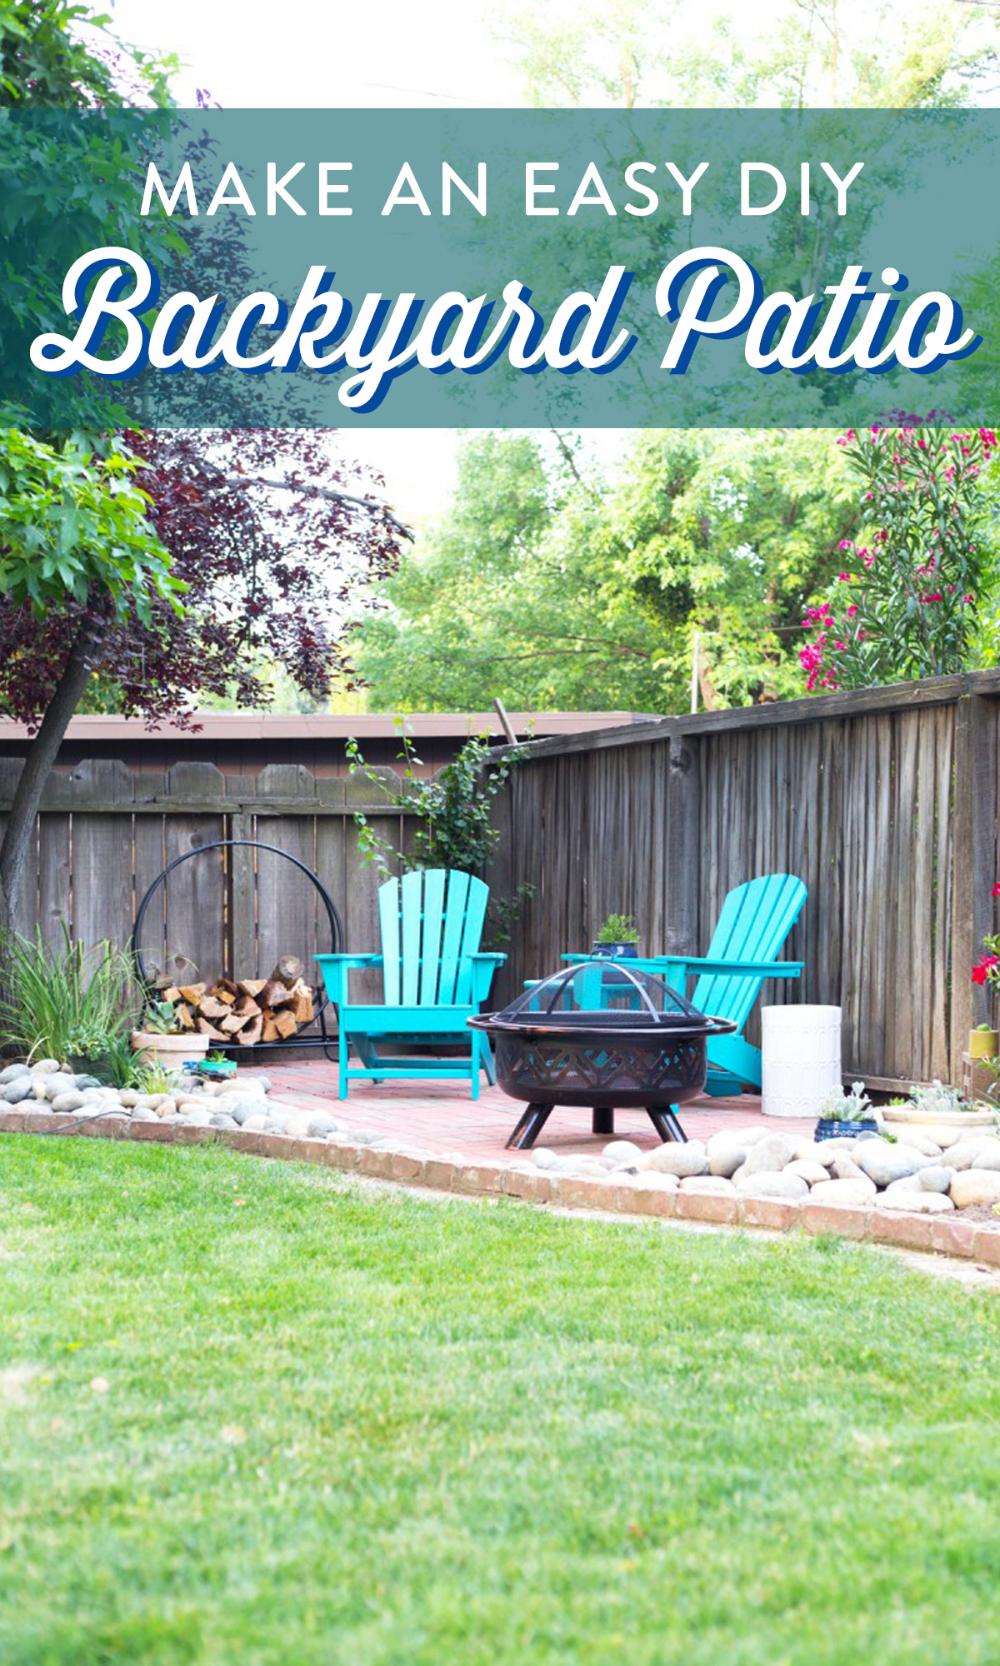 Pin By Sangaji Pramono On Home Tips How Tos Diy Backyard